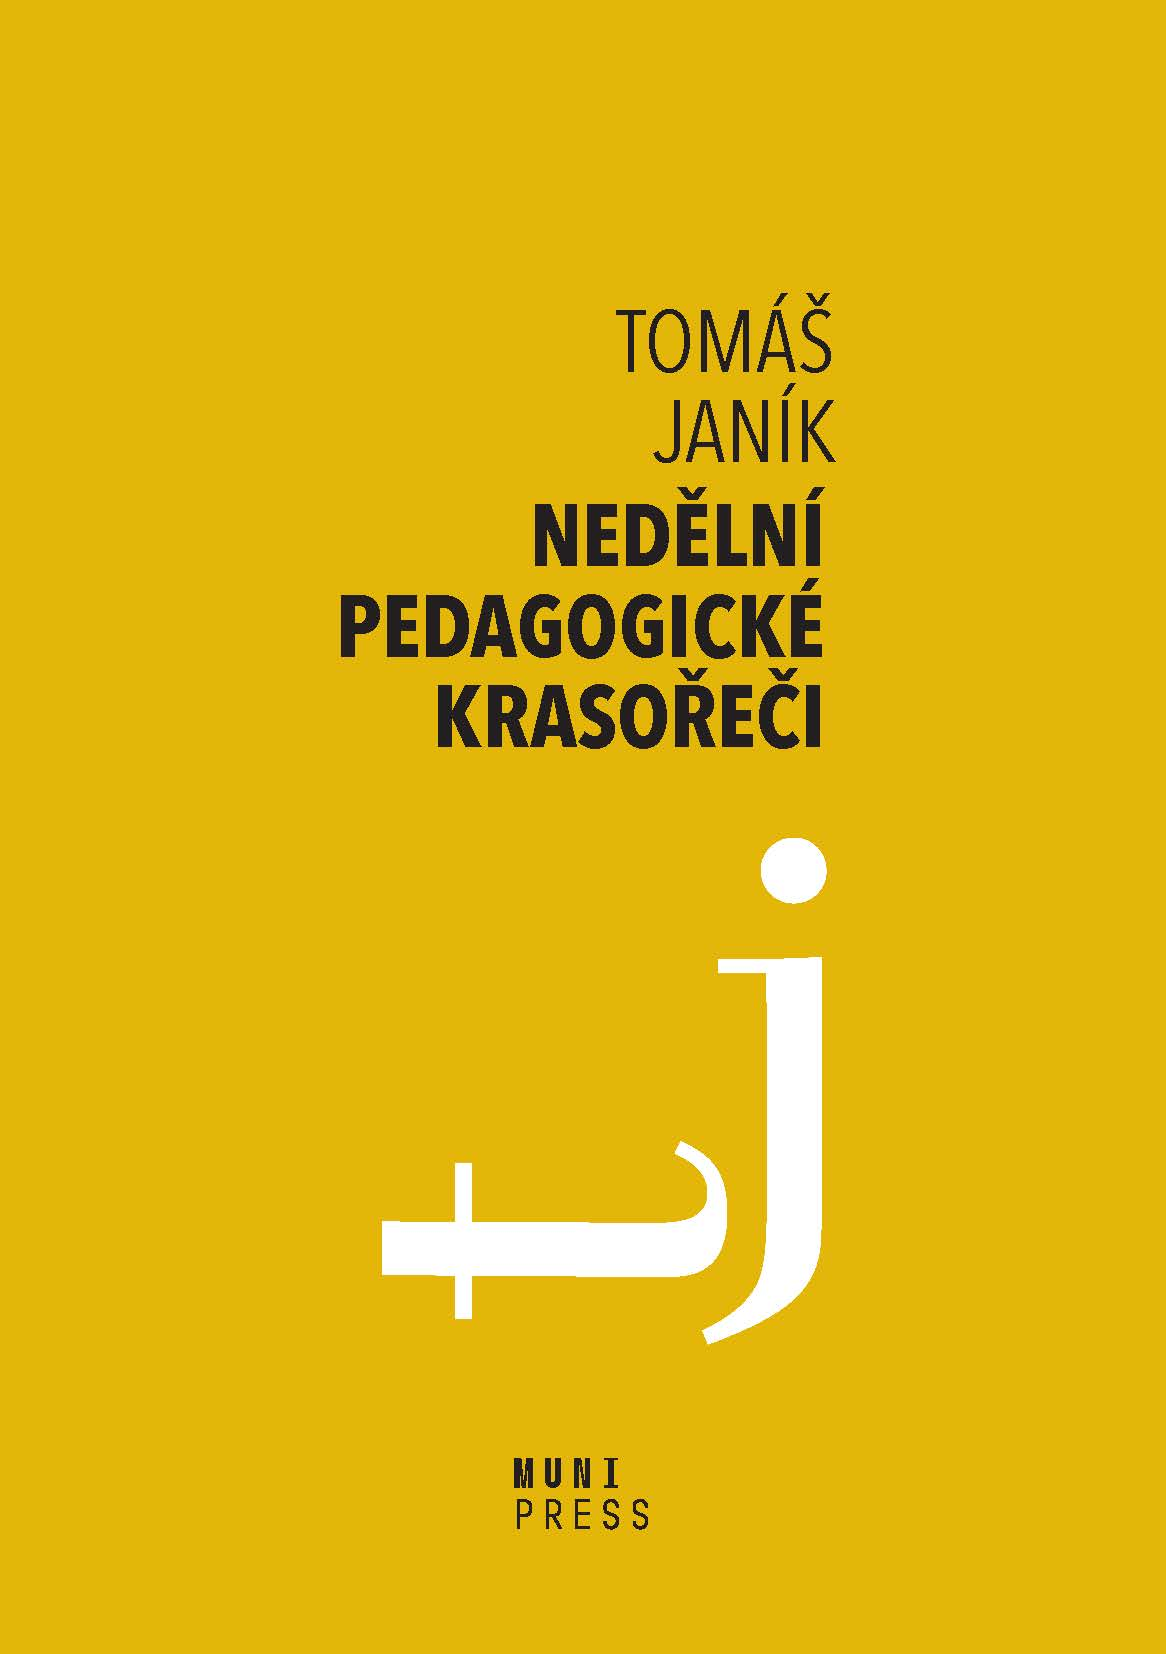 Obálka pro Nedělní pedagogické krasořeči. O obratech a vyvažování ve výchově a vzdělávání